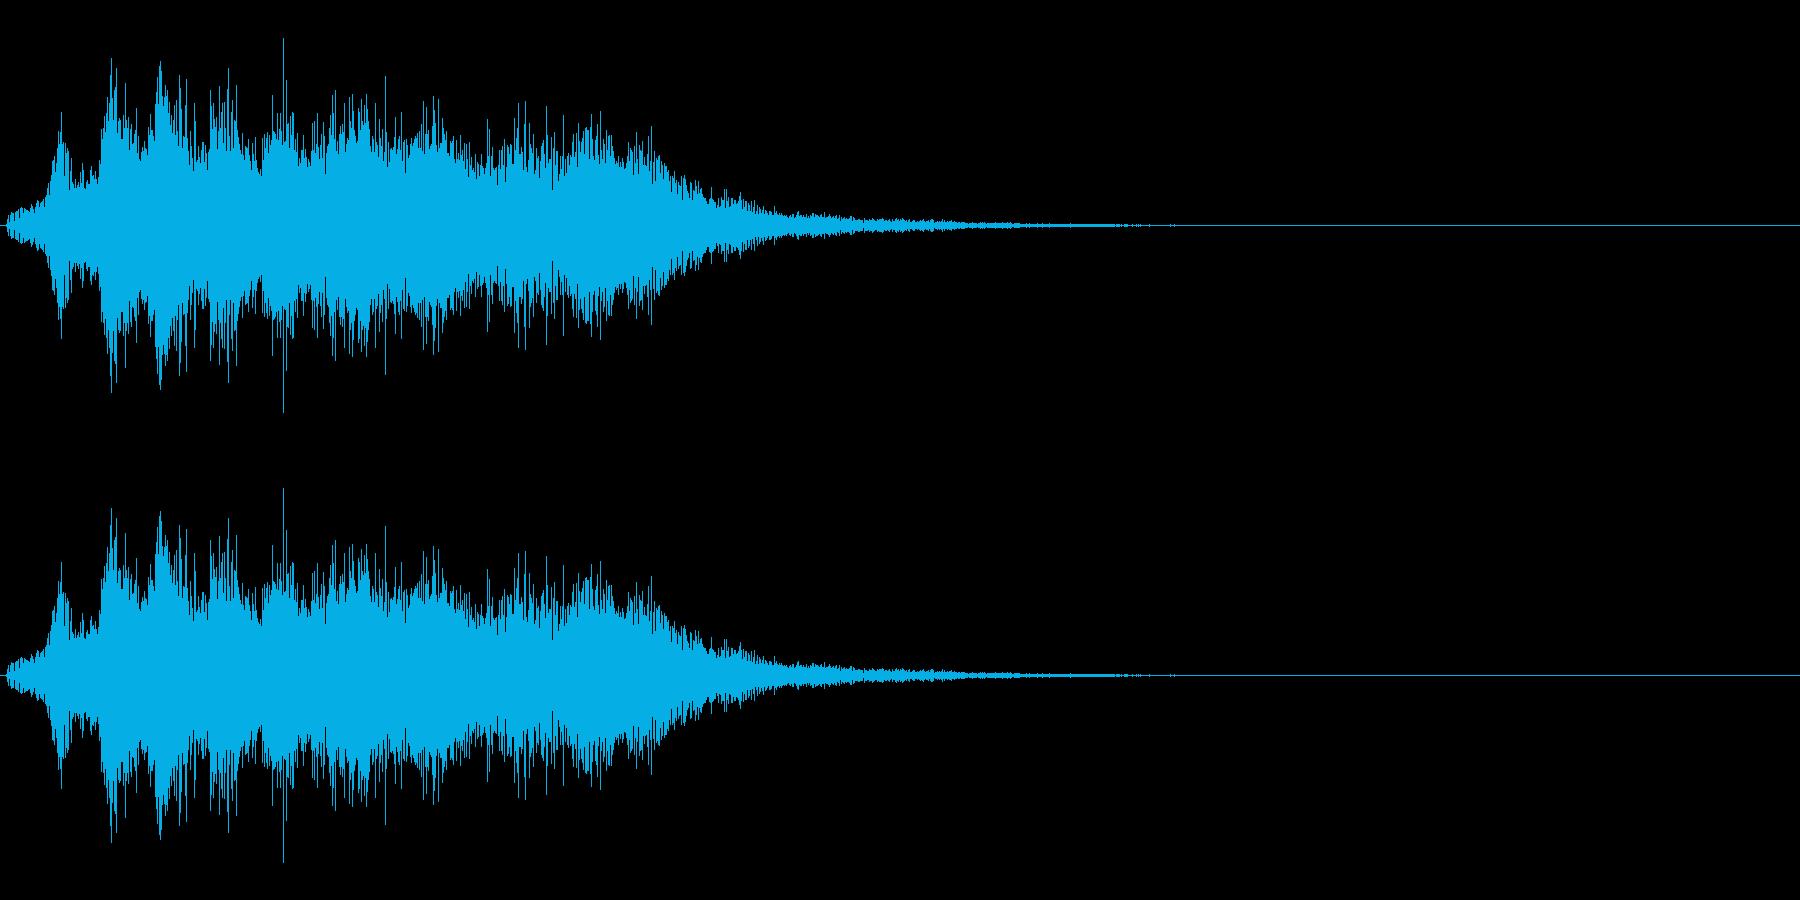 スーパー、テロップ等向けの電子音の再生済みの波形